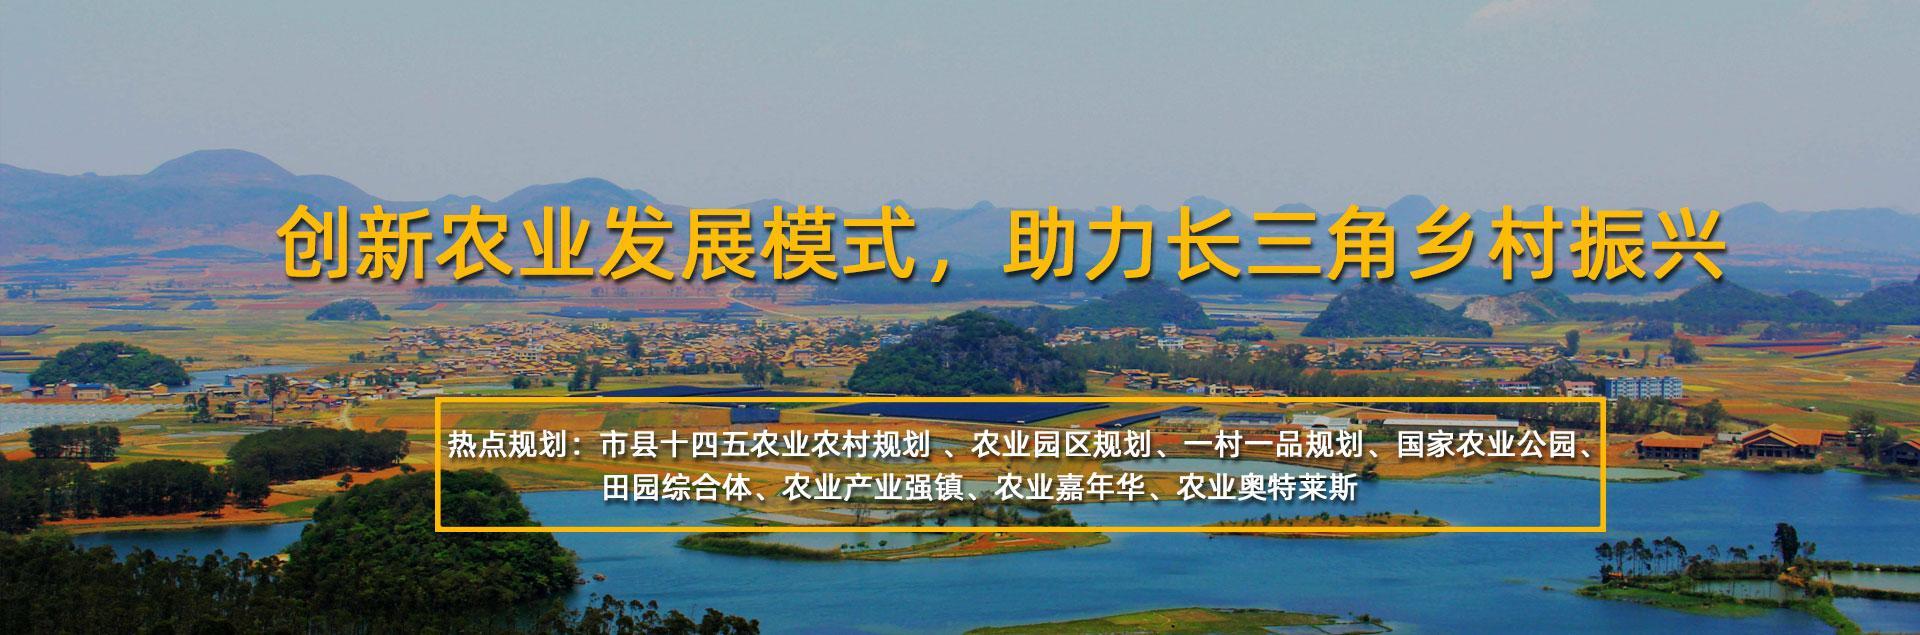 「三农不悦目点」杨保军 等,他日乡下的八个图景